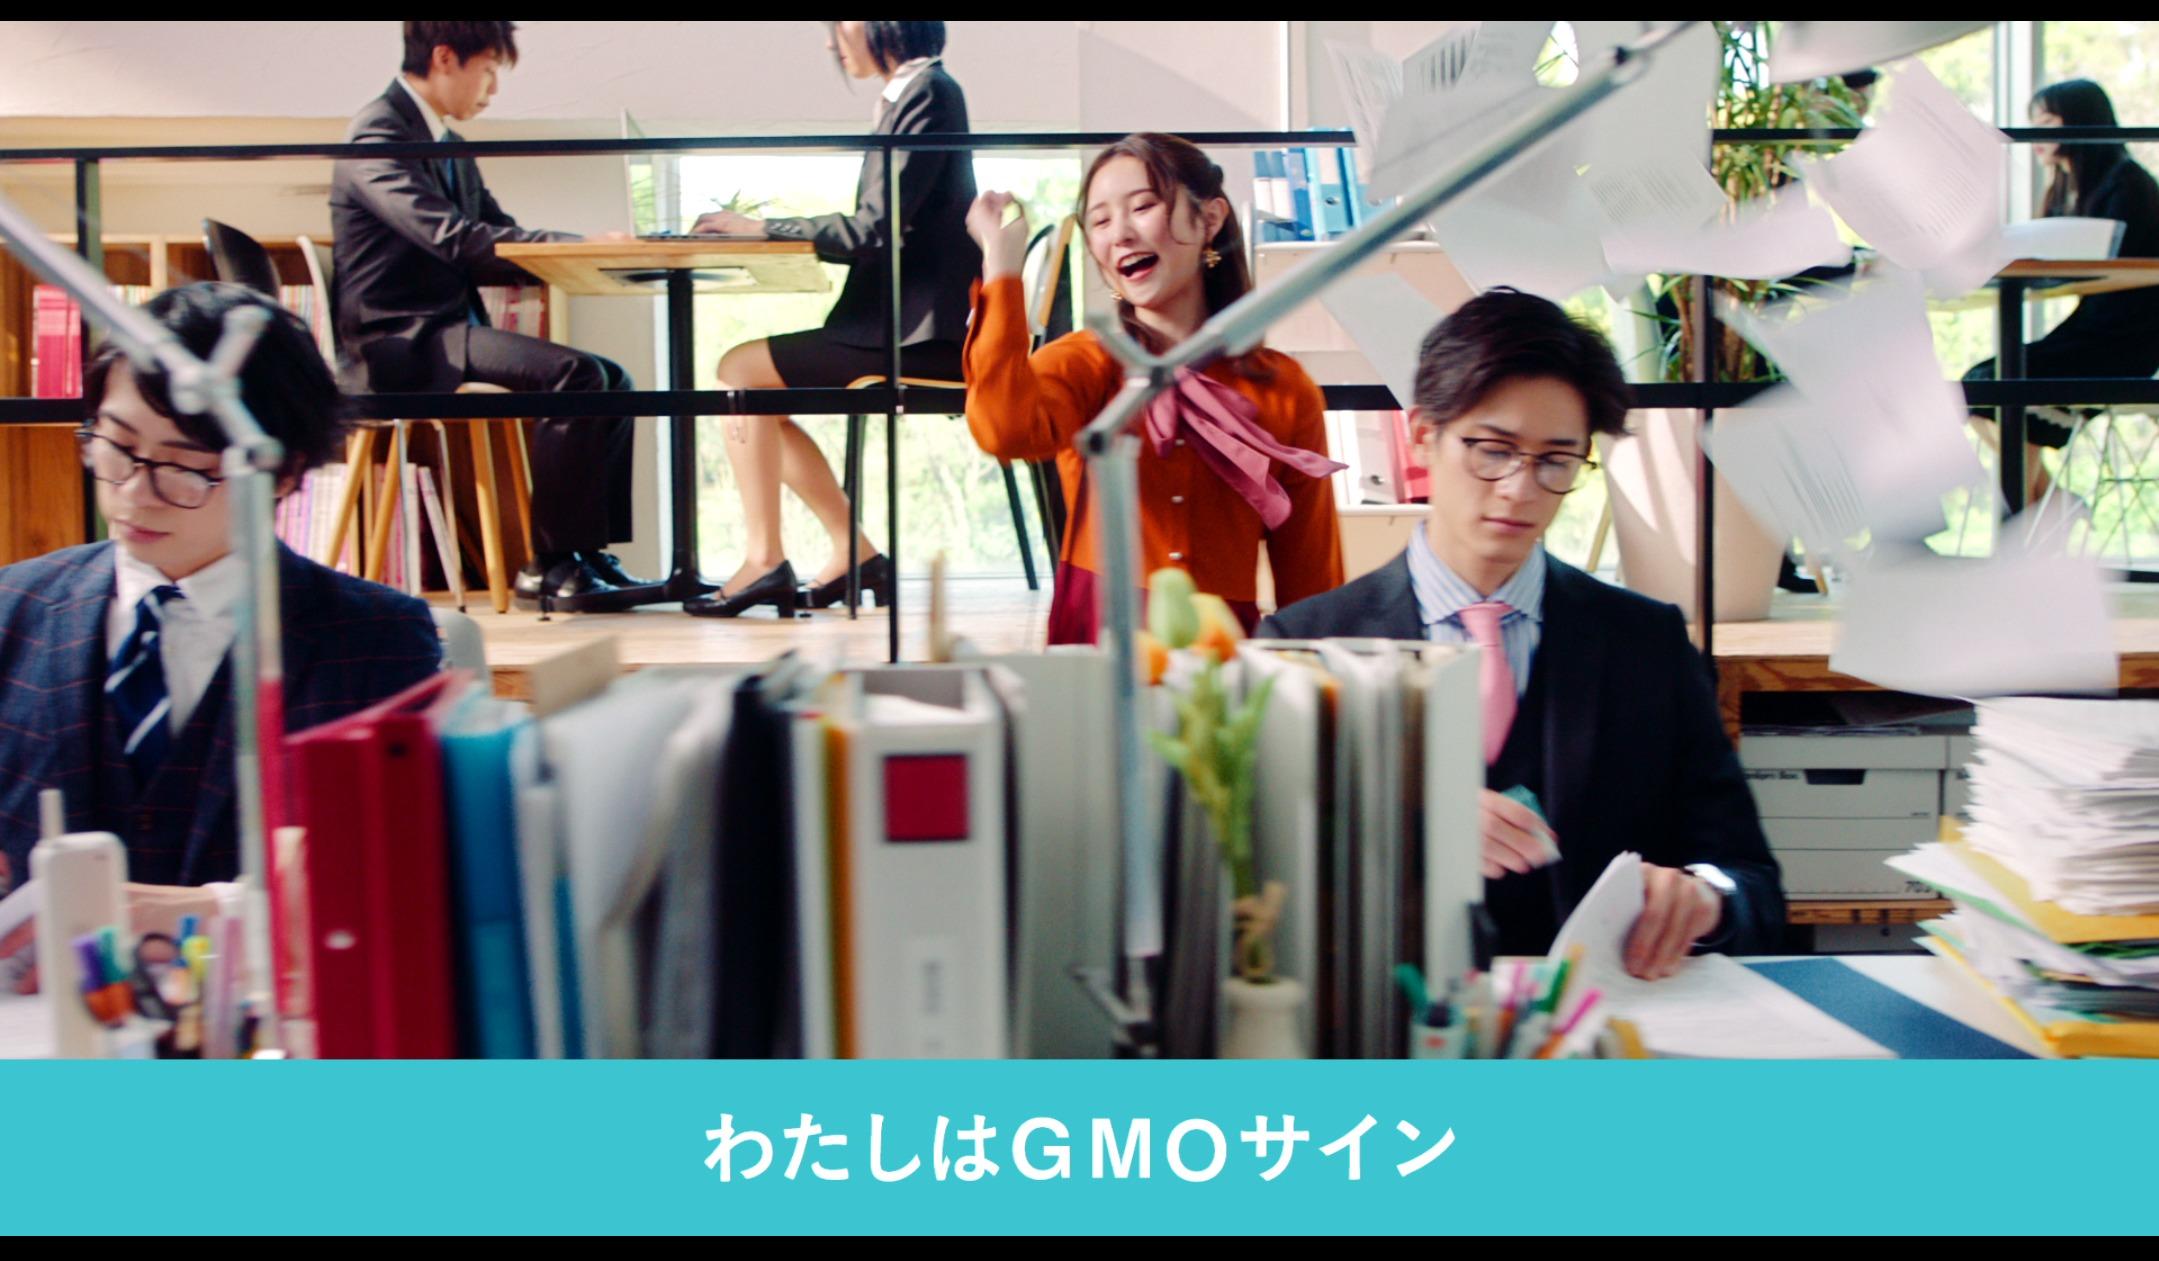 電子印鑑GMOサイン WebCM「未来のハンコ、はじめました」篇 (編集)